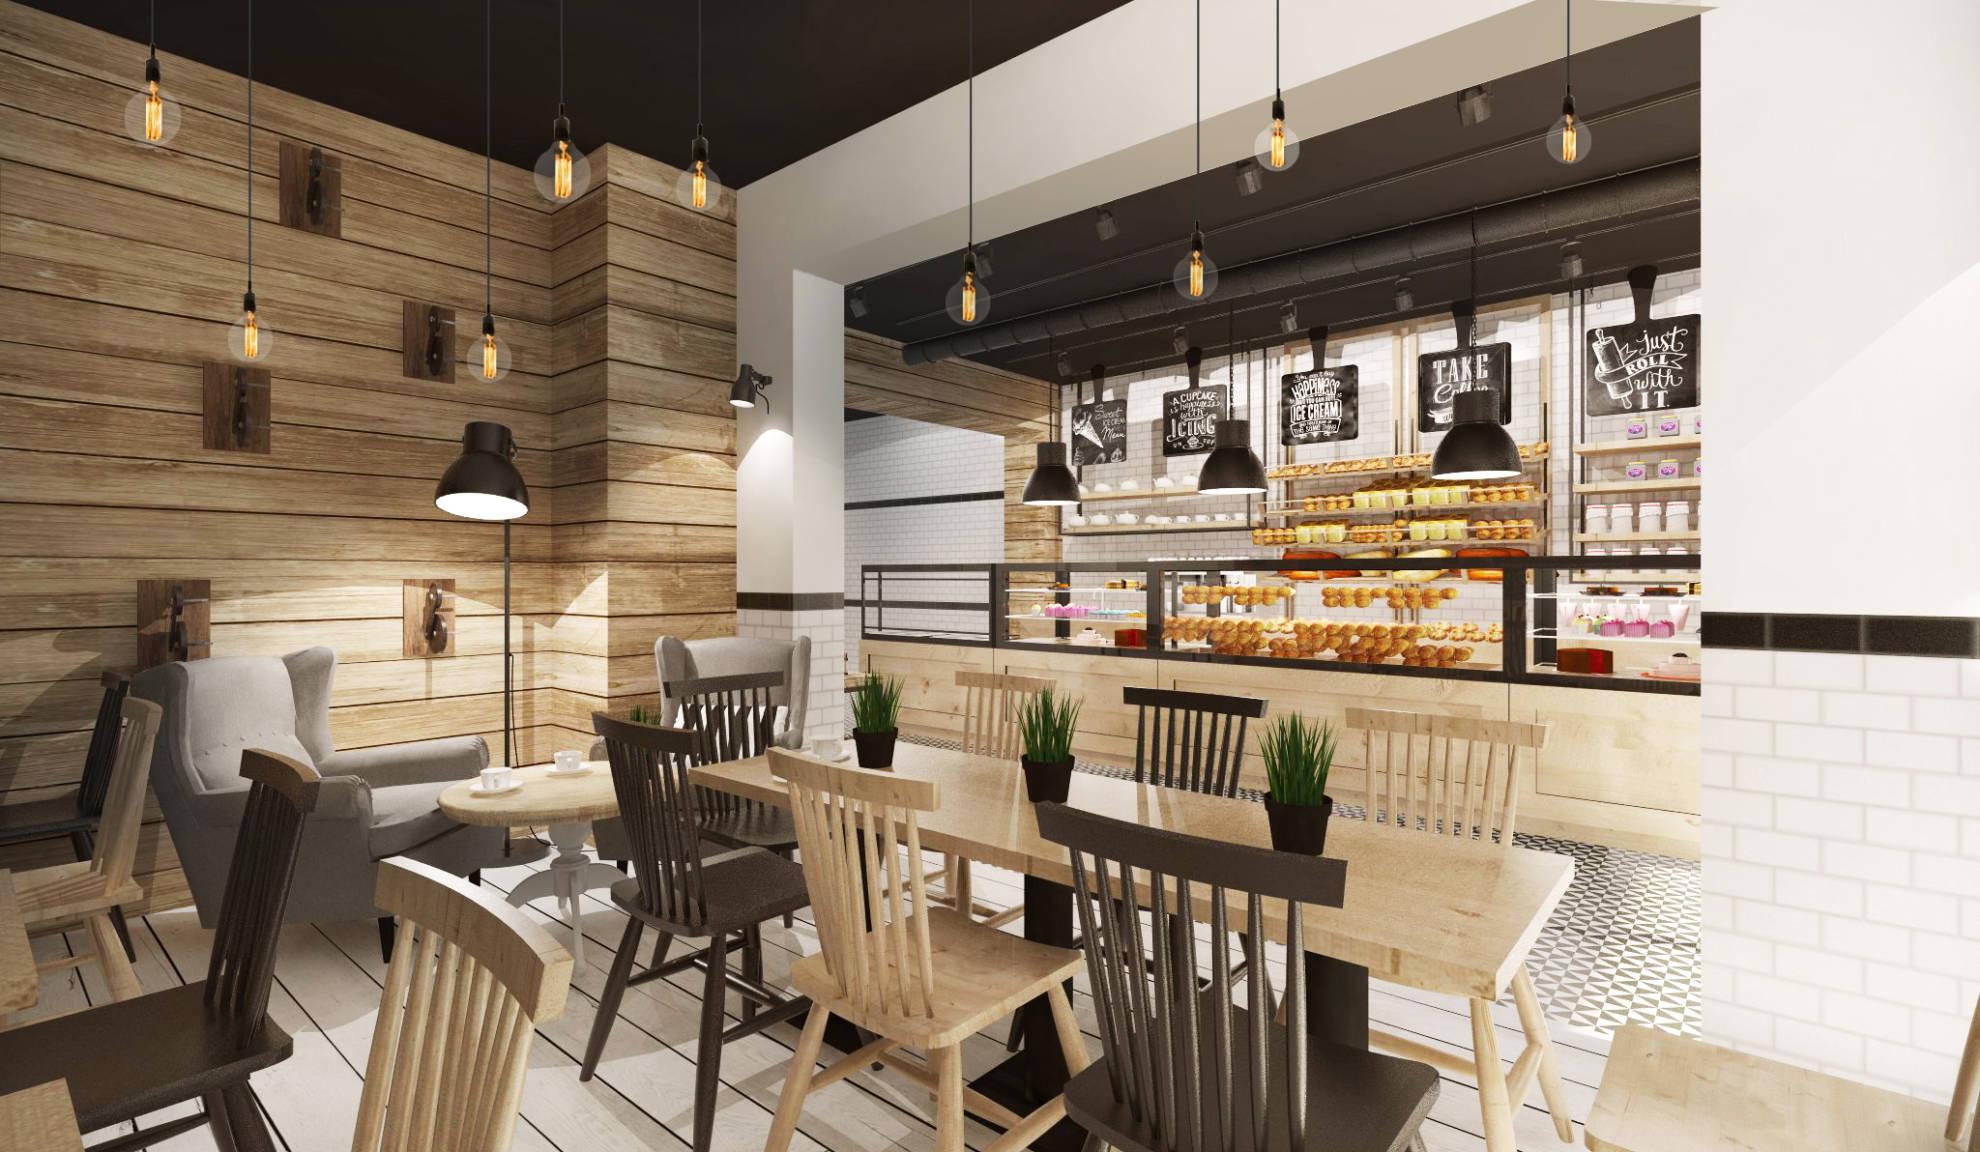 Aranżacja kawiarni - lada, sala konsumpcyjna - SAS Wnętrza i Kuchnie, projekt wnętrz architekt wnętrz Emilia Strzempek Plasun